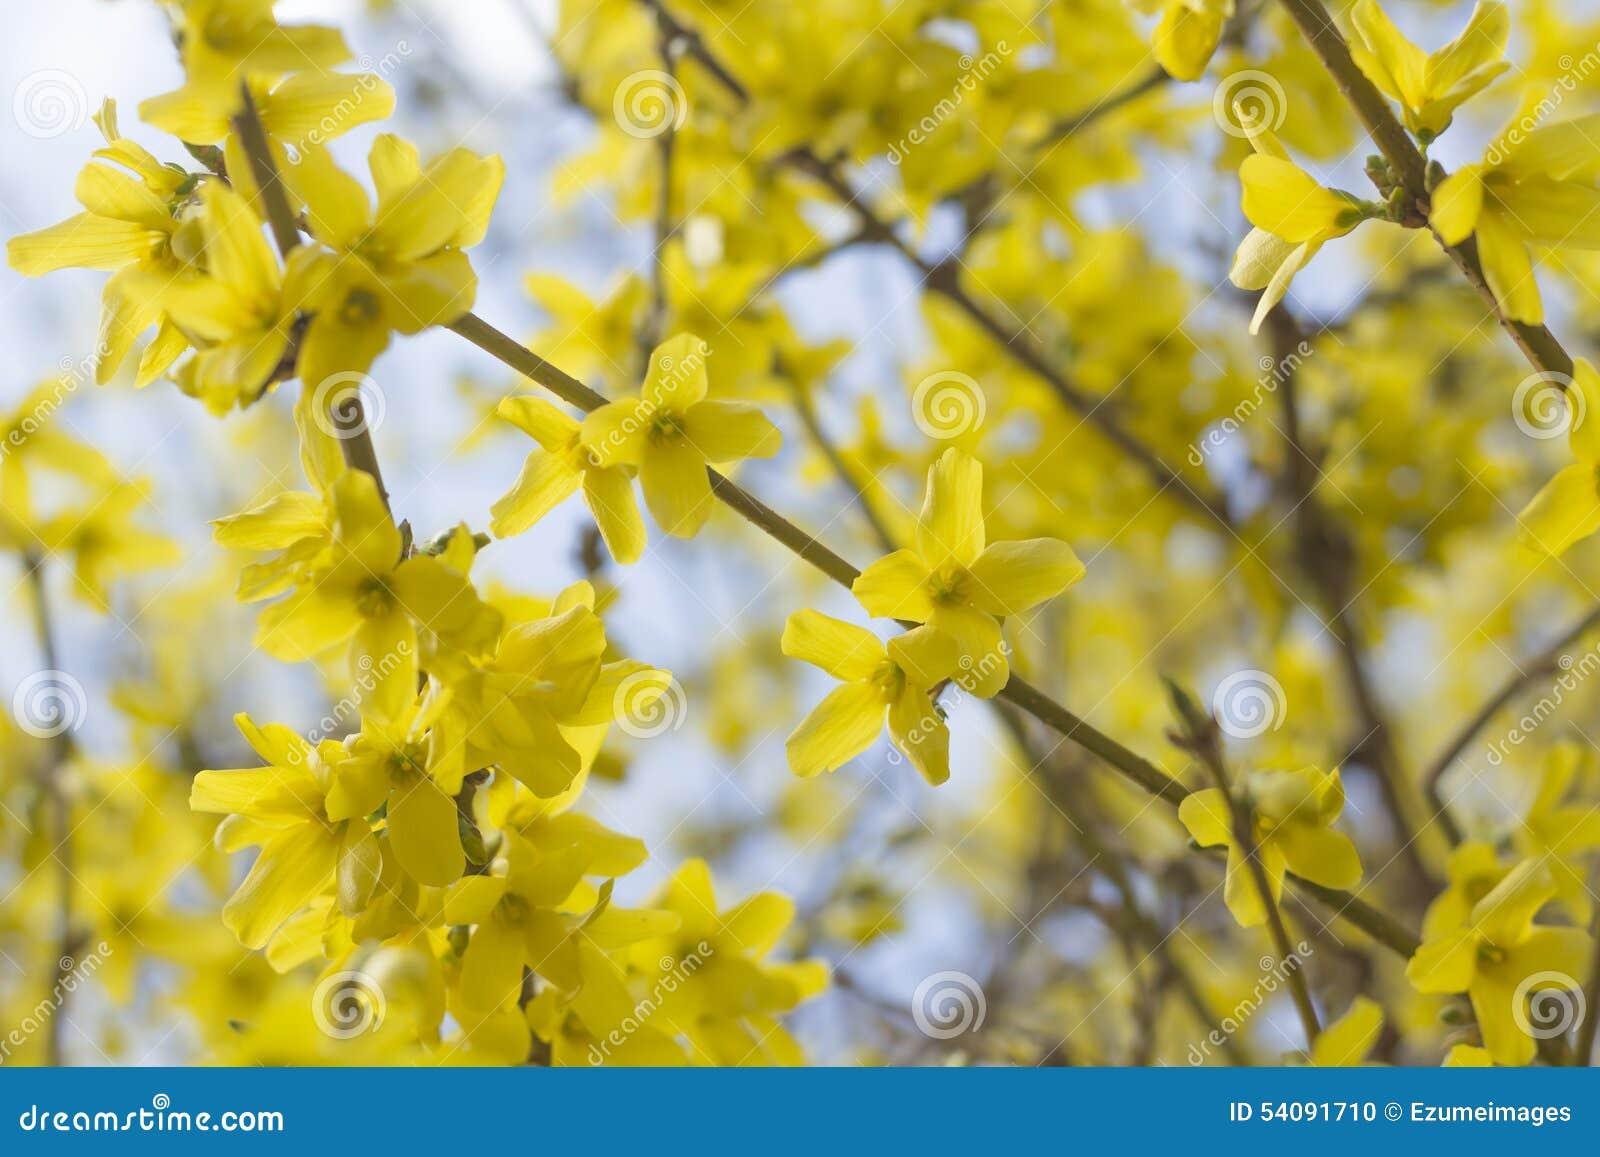 De Bloemen van de close-upforsythia